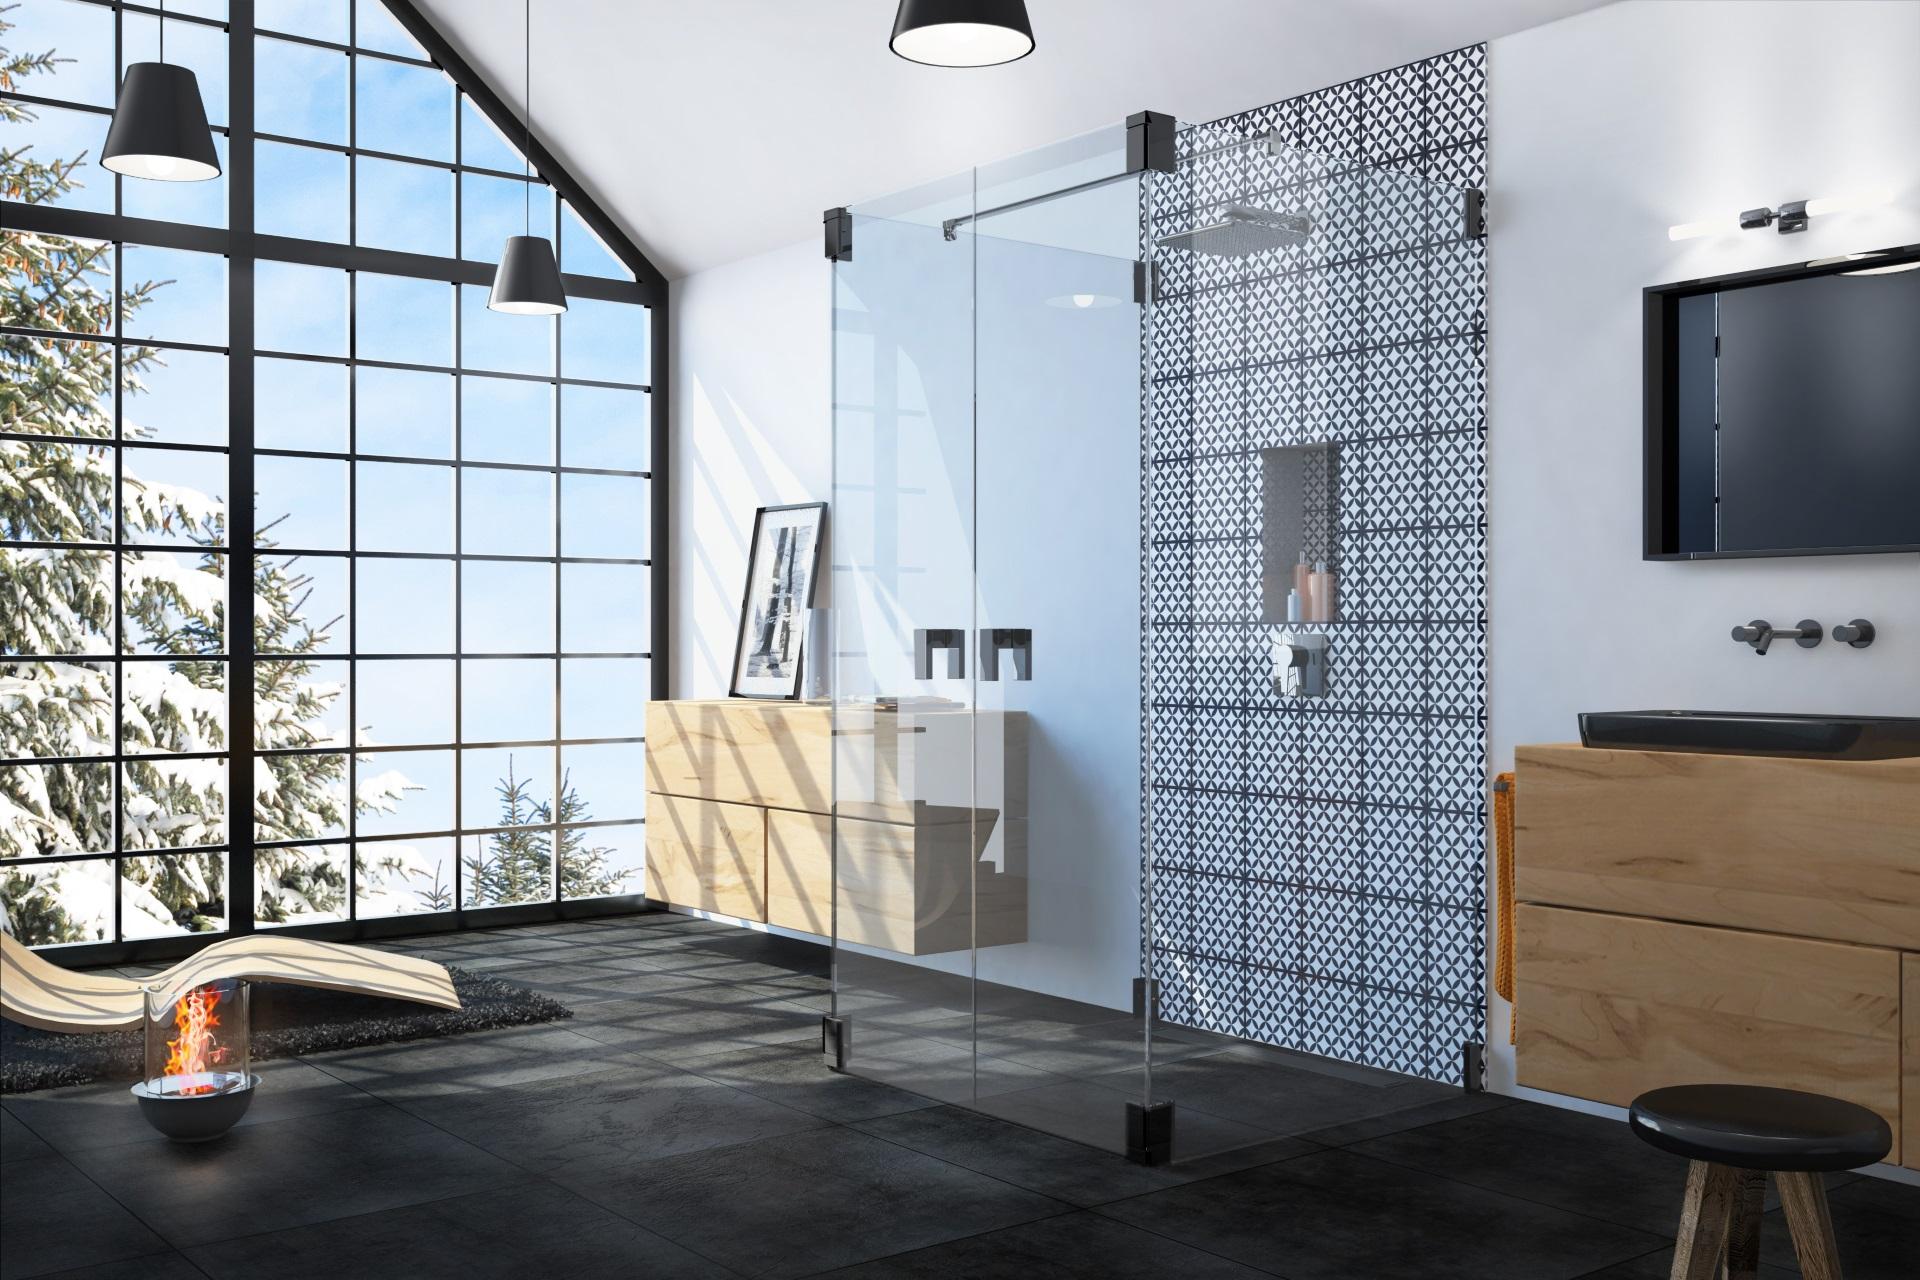 Abbildung design Badezimmer von glassdouche mit Wand-Dusche mit zwei festen Seitengläsern und zwei nach innen und außen öffnenden Pendeltüren